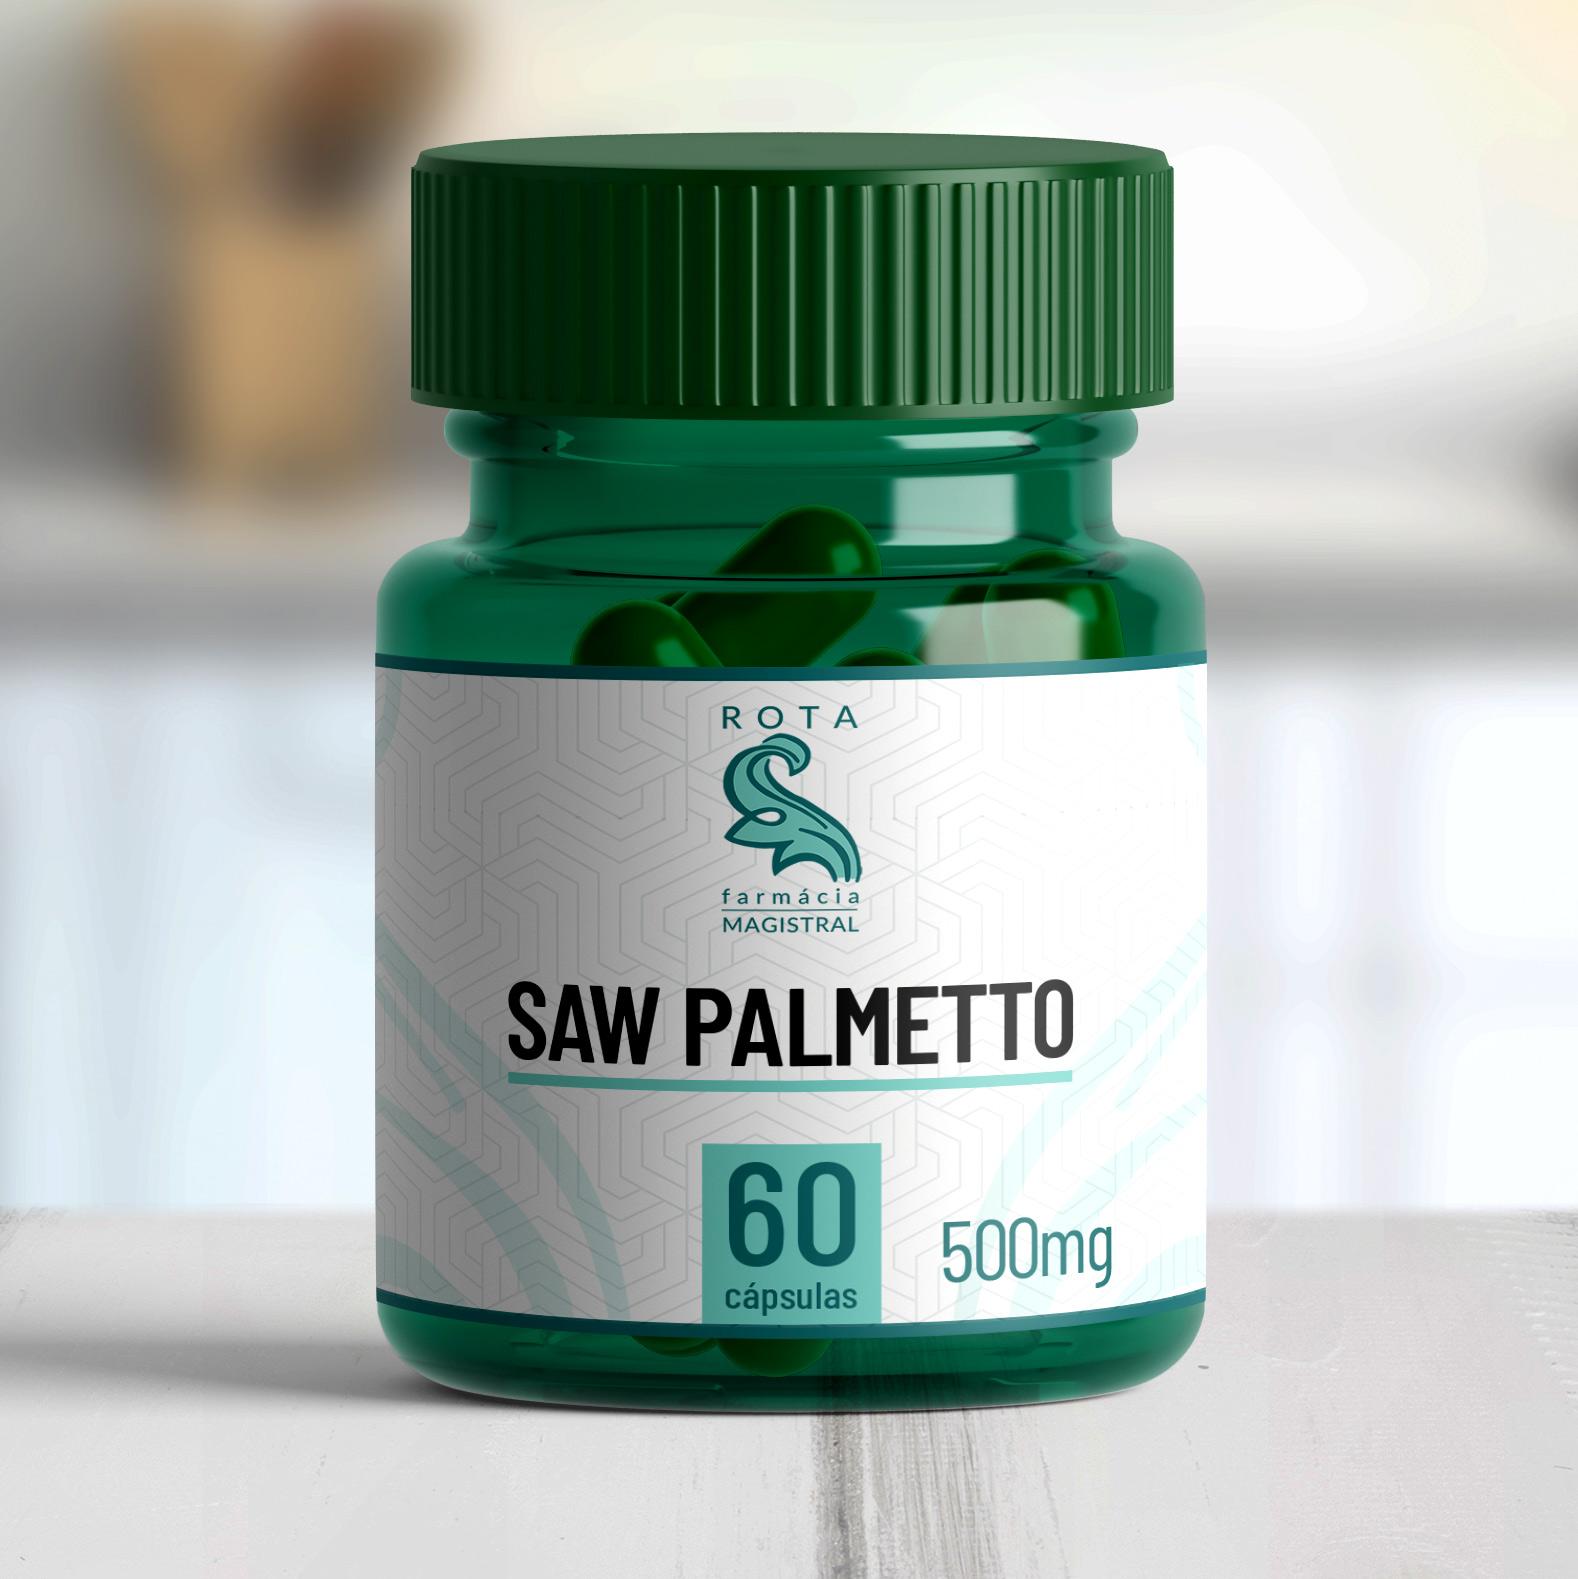 Saw Palmetto500mg 60 cápsulas